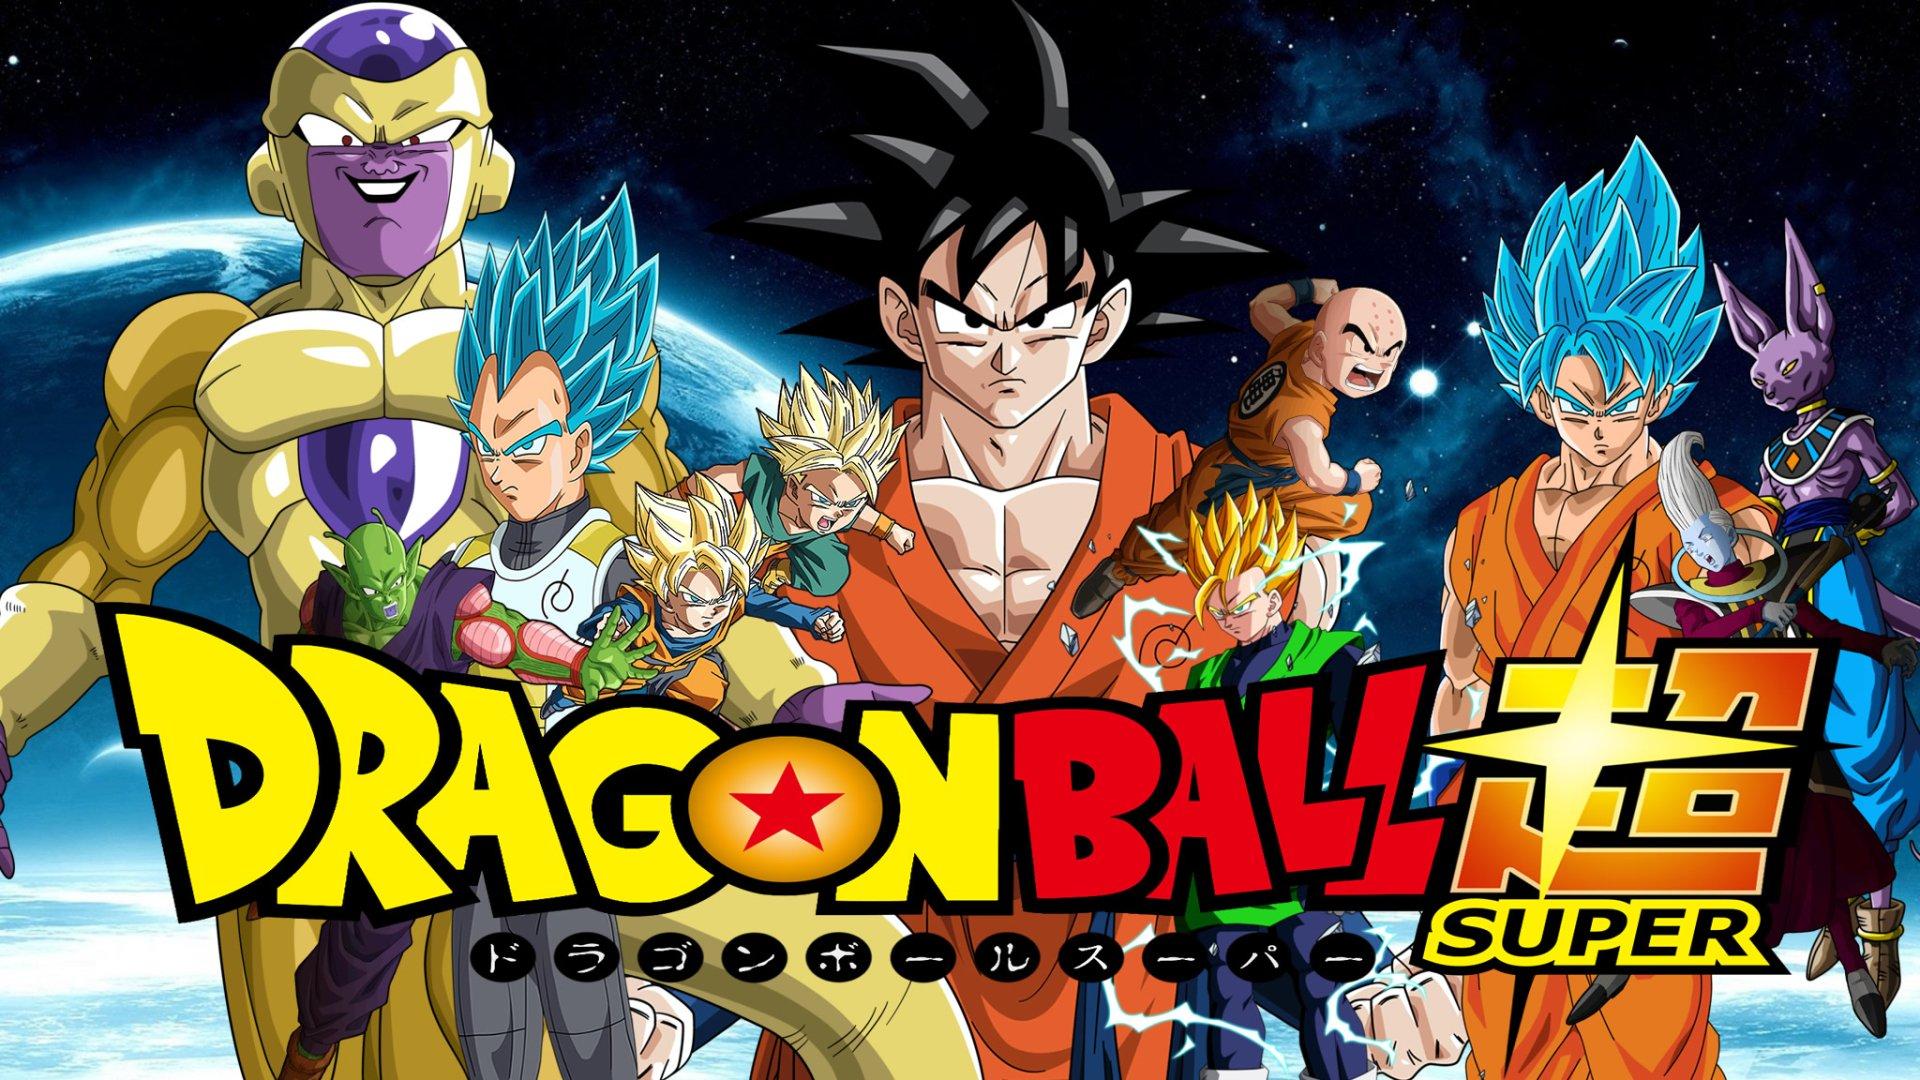 动漫 - 龙珠超  Goku Whis (Dragon Ball) Gohan (Dragon Ball) Goten (Dragon Ball) Piccolo (Dragon Ball) Freeza (Dragon Ball) Krillin (Dragon Ball) Trunks (Dragon Ball) Vegeta (Dragon Ball) Beerus (Dragon Ball) Super Saiyan God 壁纸